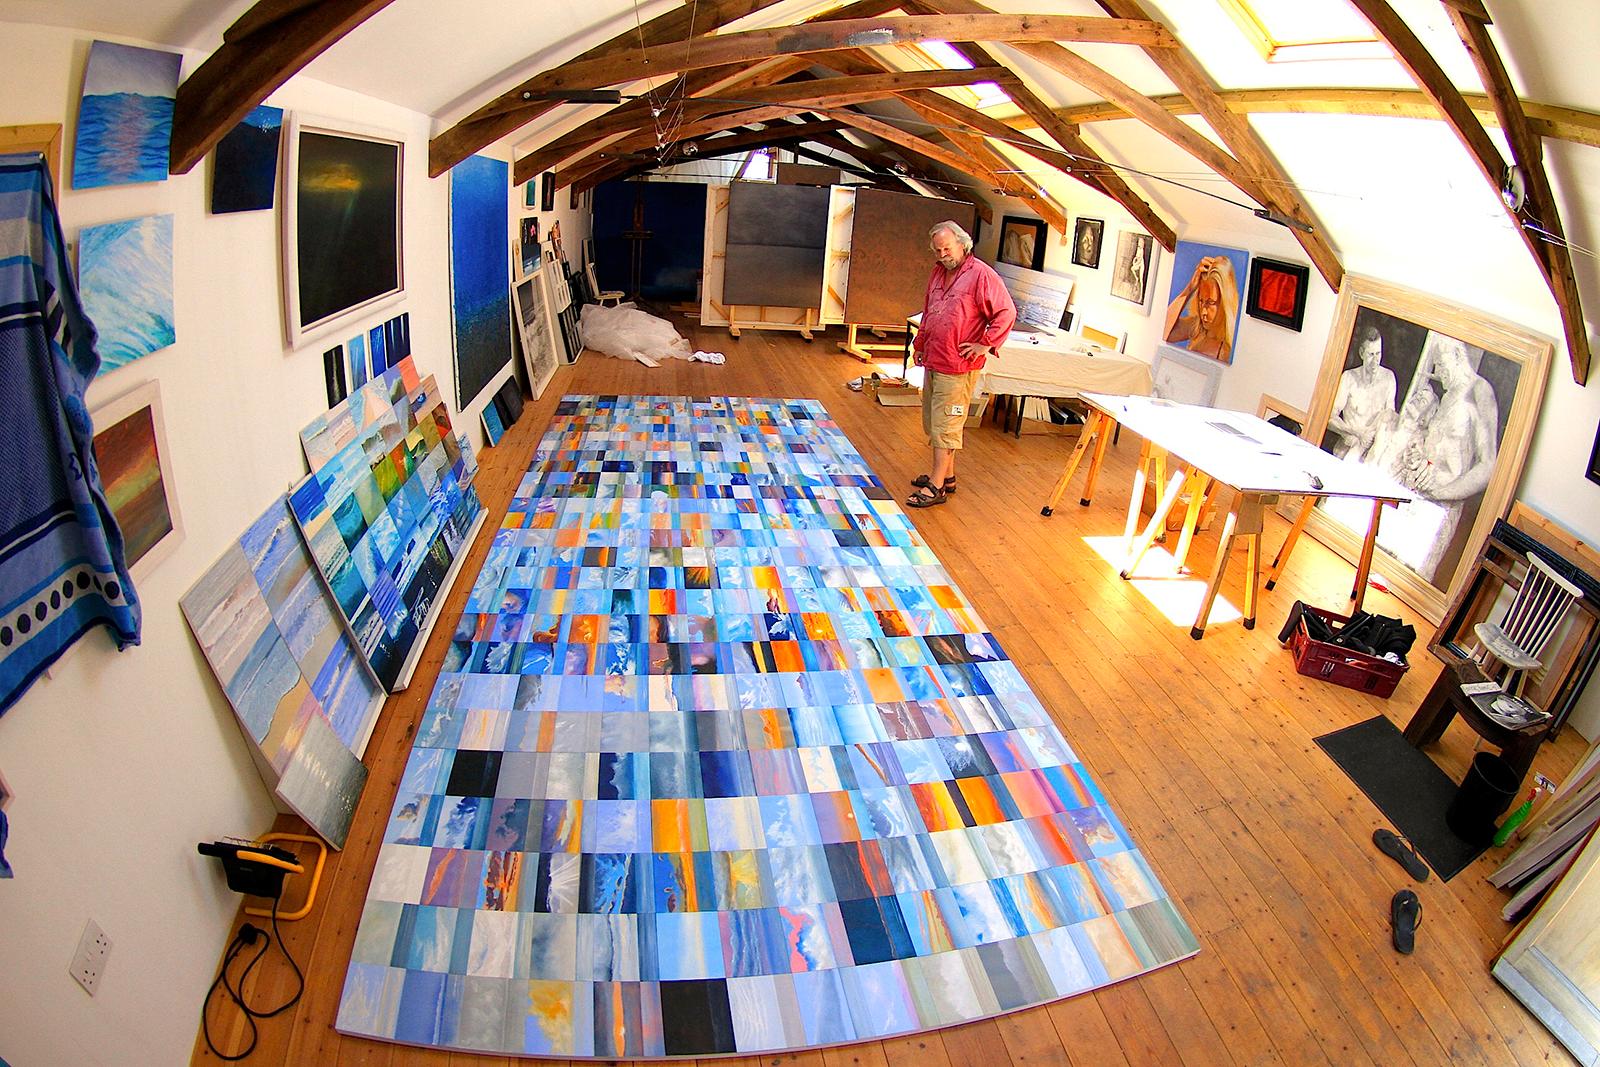 365-paintings